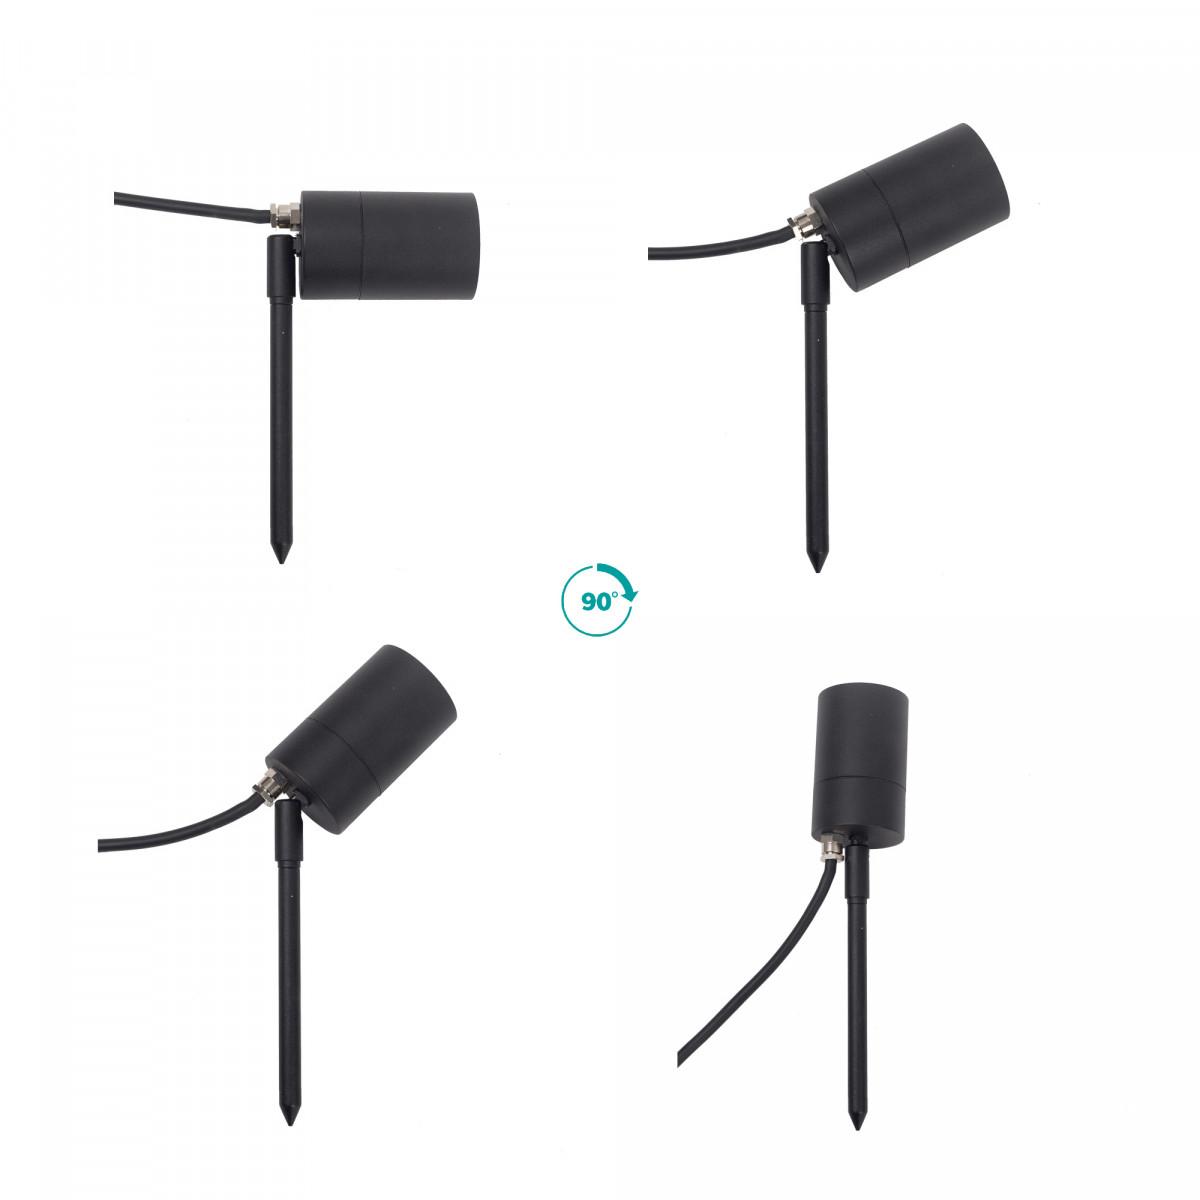 KS Verlichting - KS LED Pin - Tuinspot kopen bij Nostalux